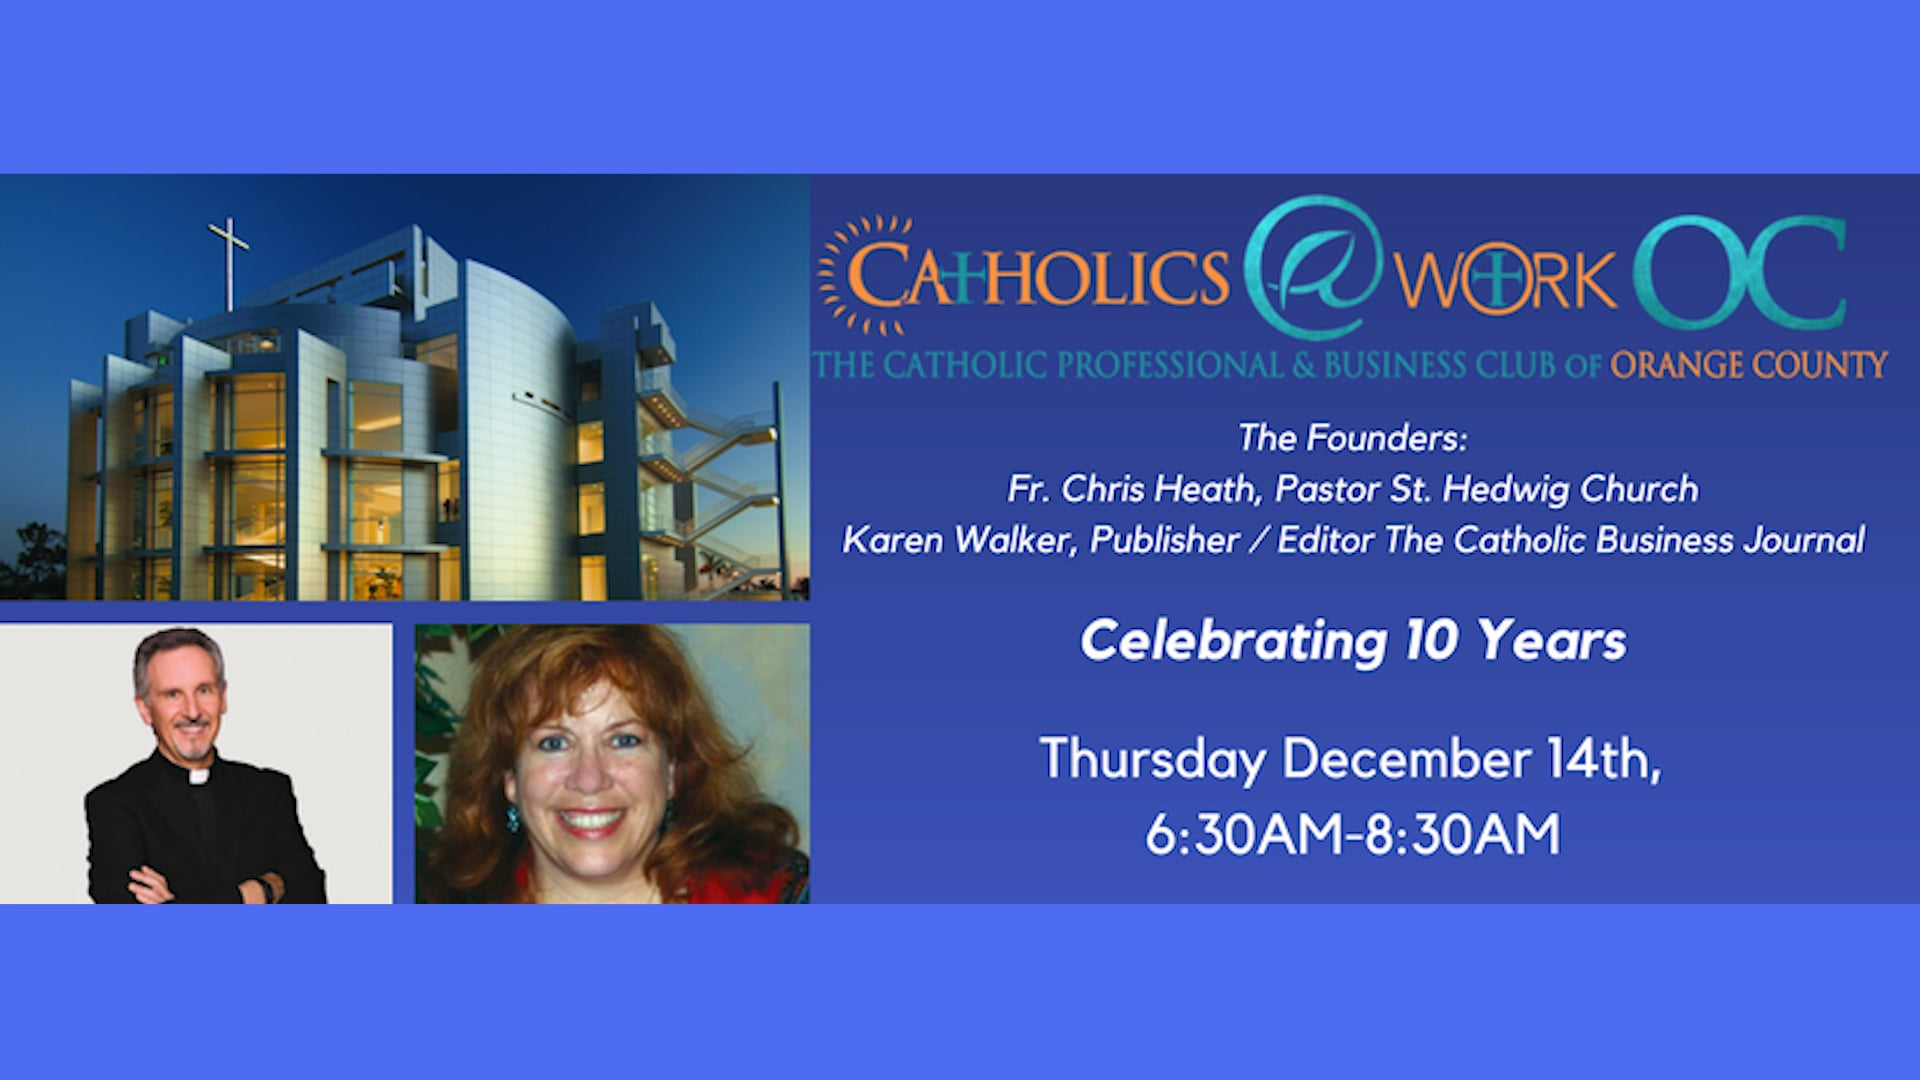 Fr. Chris Heath and Karen Walker